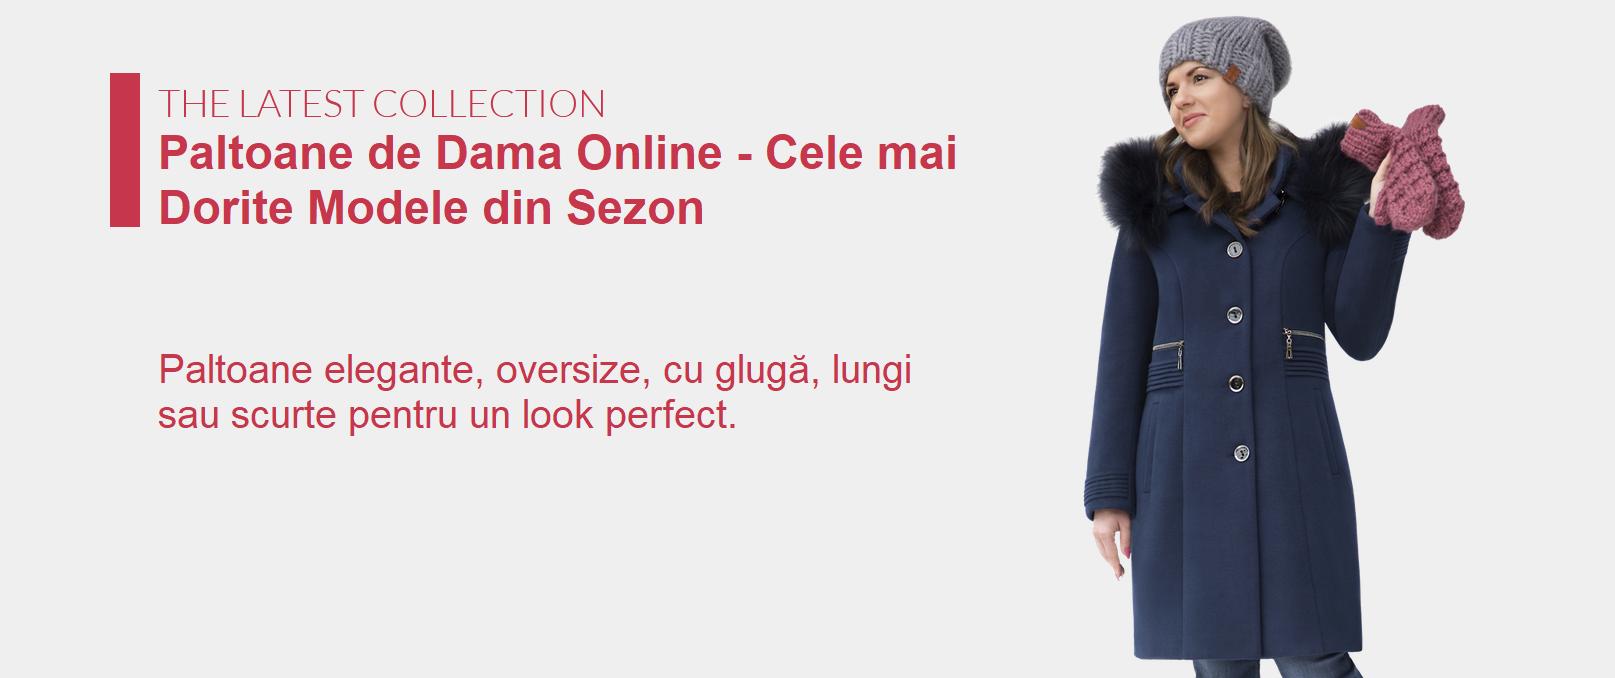 Paltoane Dama Online - Cele mai Dorite Modele din Sezon